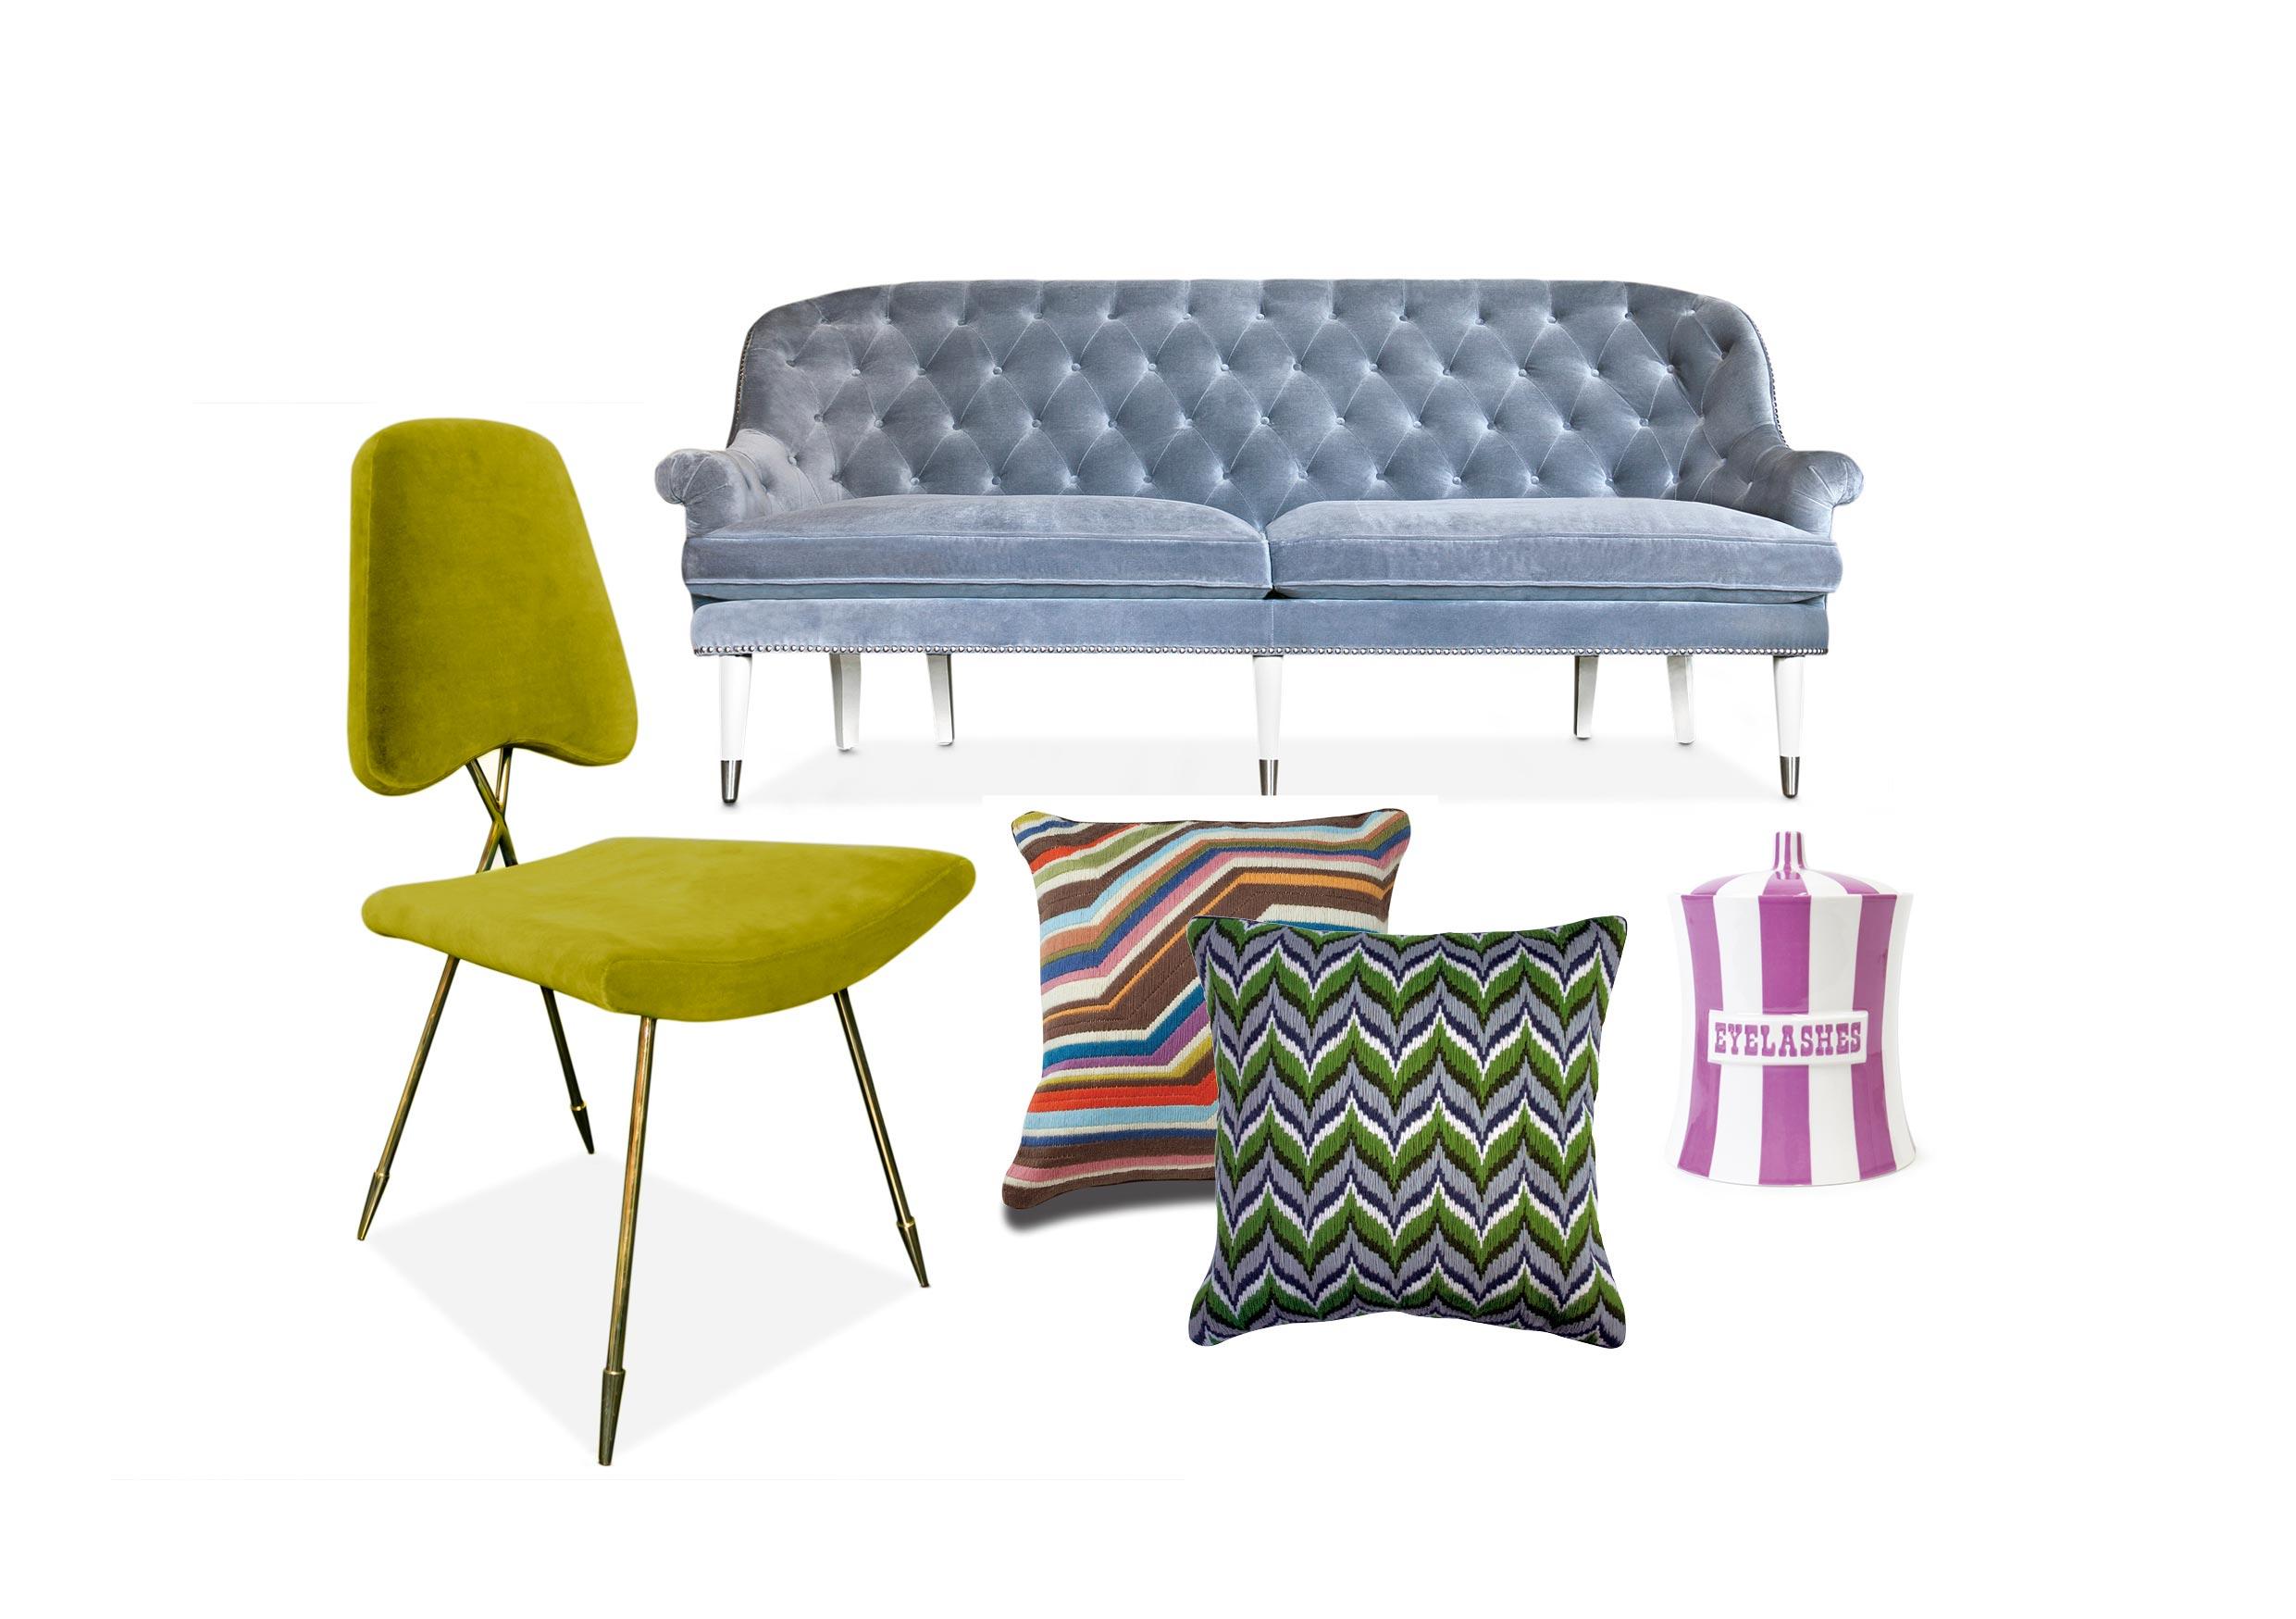 Lovely Jonathan Adler Furniture Sale #10: Jonathan Adler - Sale Starts January 14th - 16th